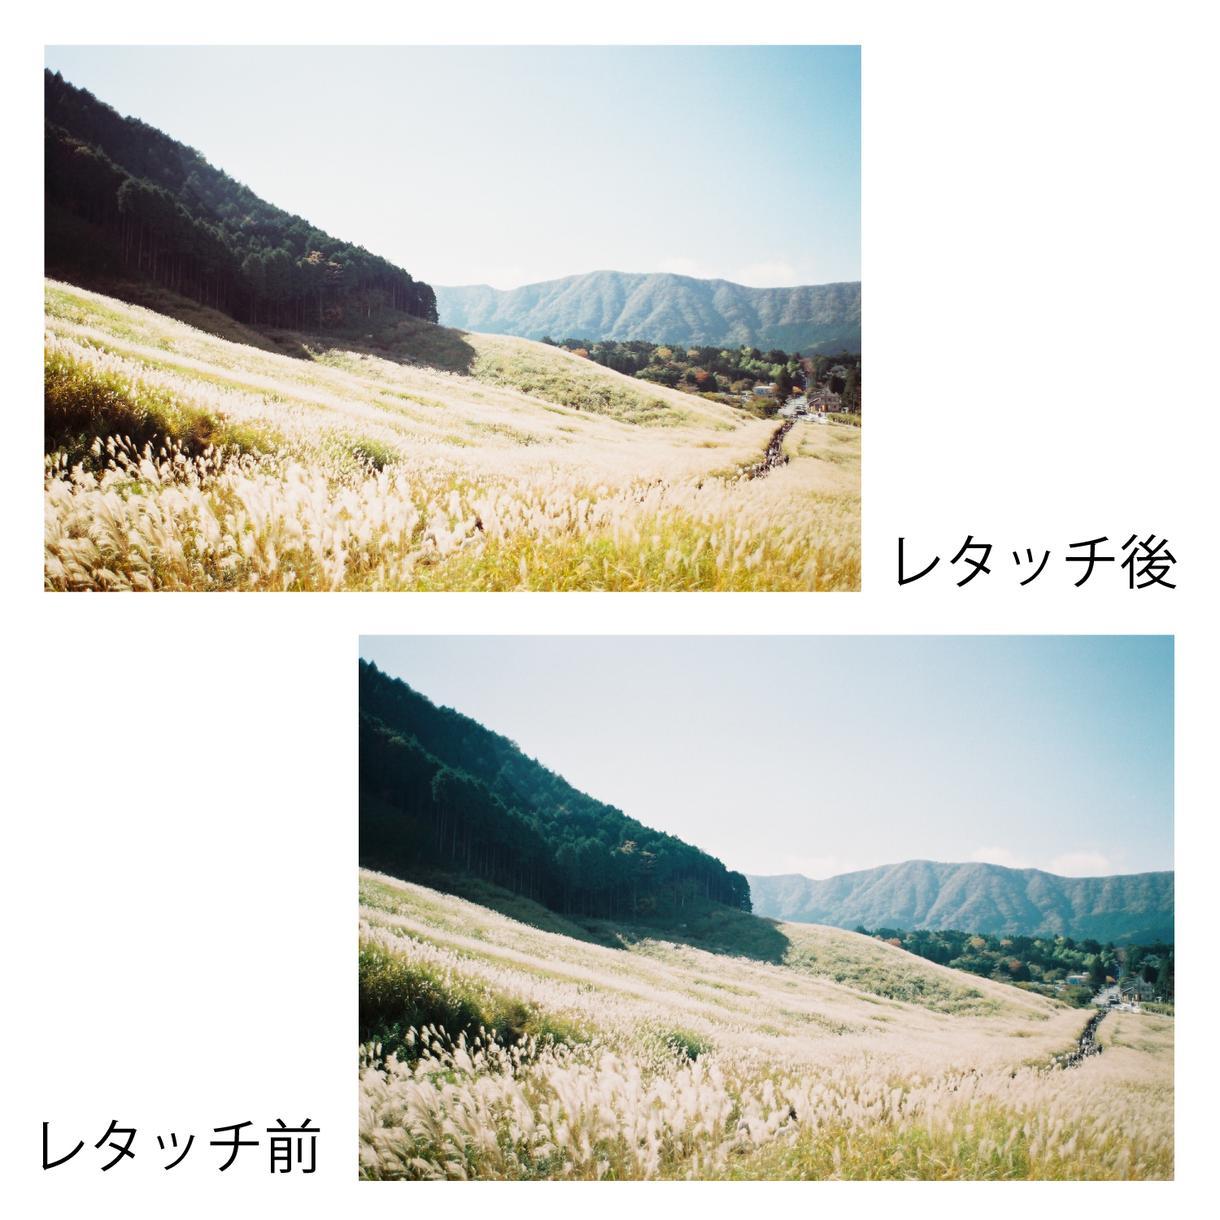 人物、風景写真等をレタッチします いつもの写真をワンランク上の写真に仕上げたい時に